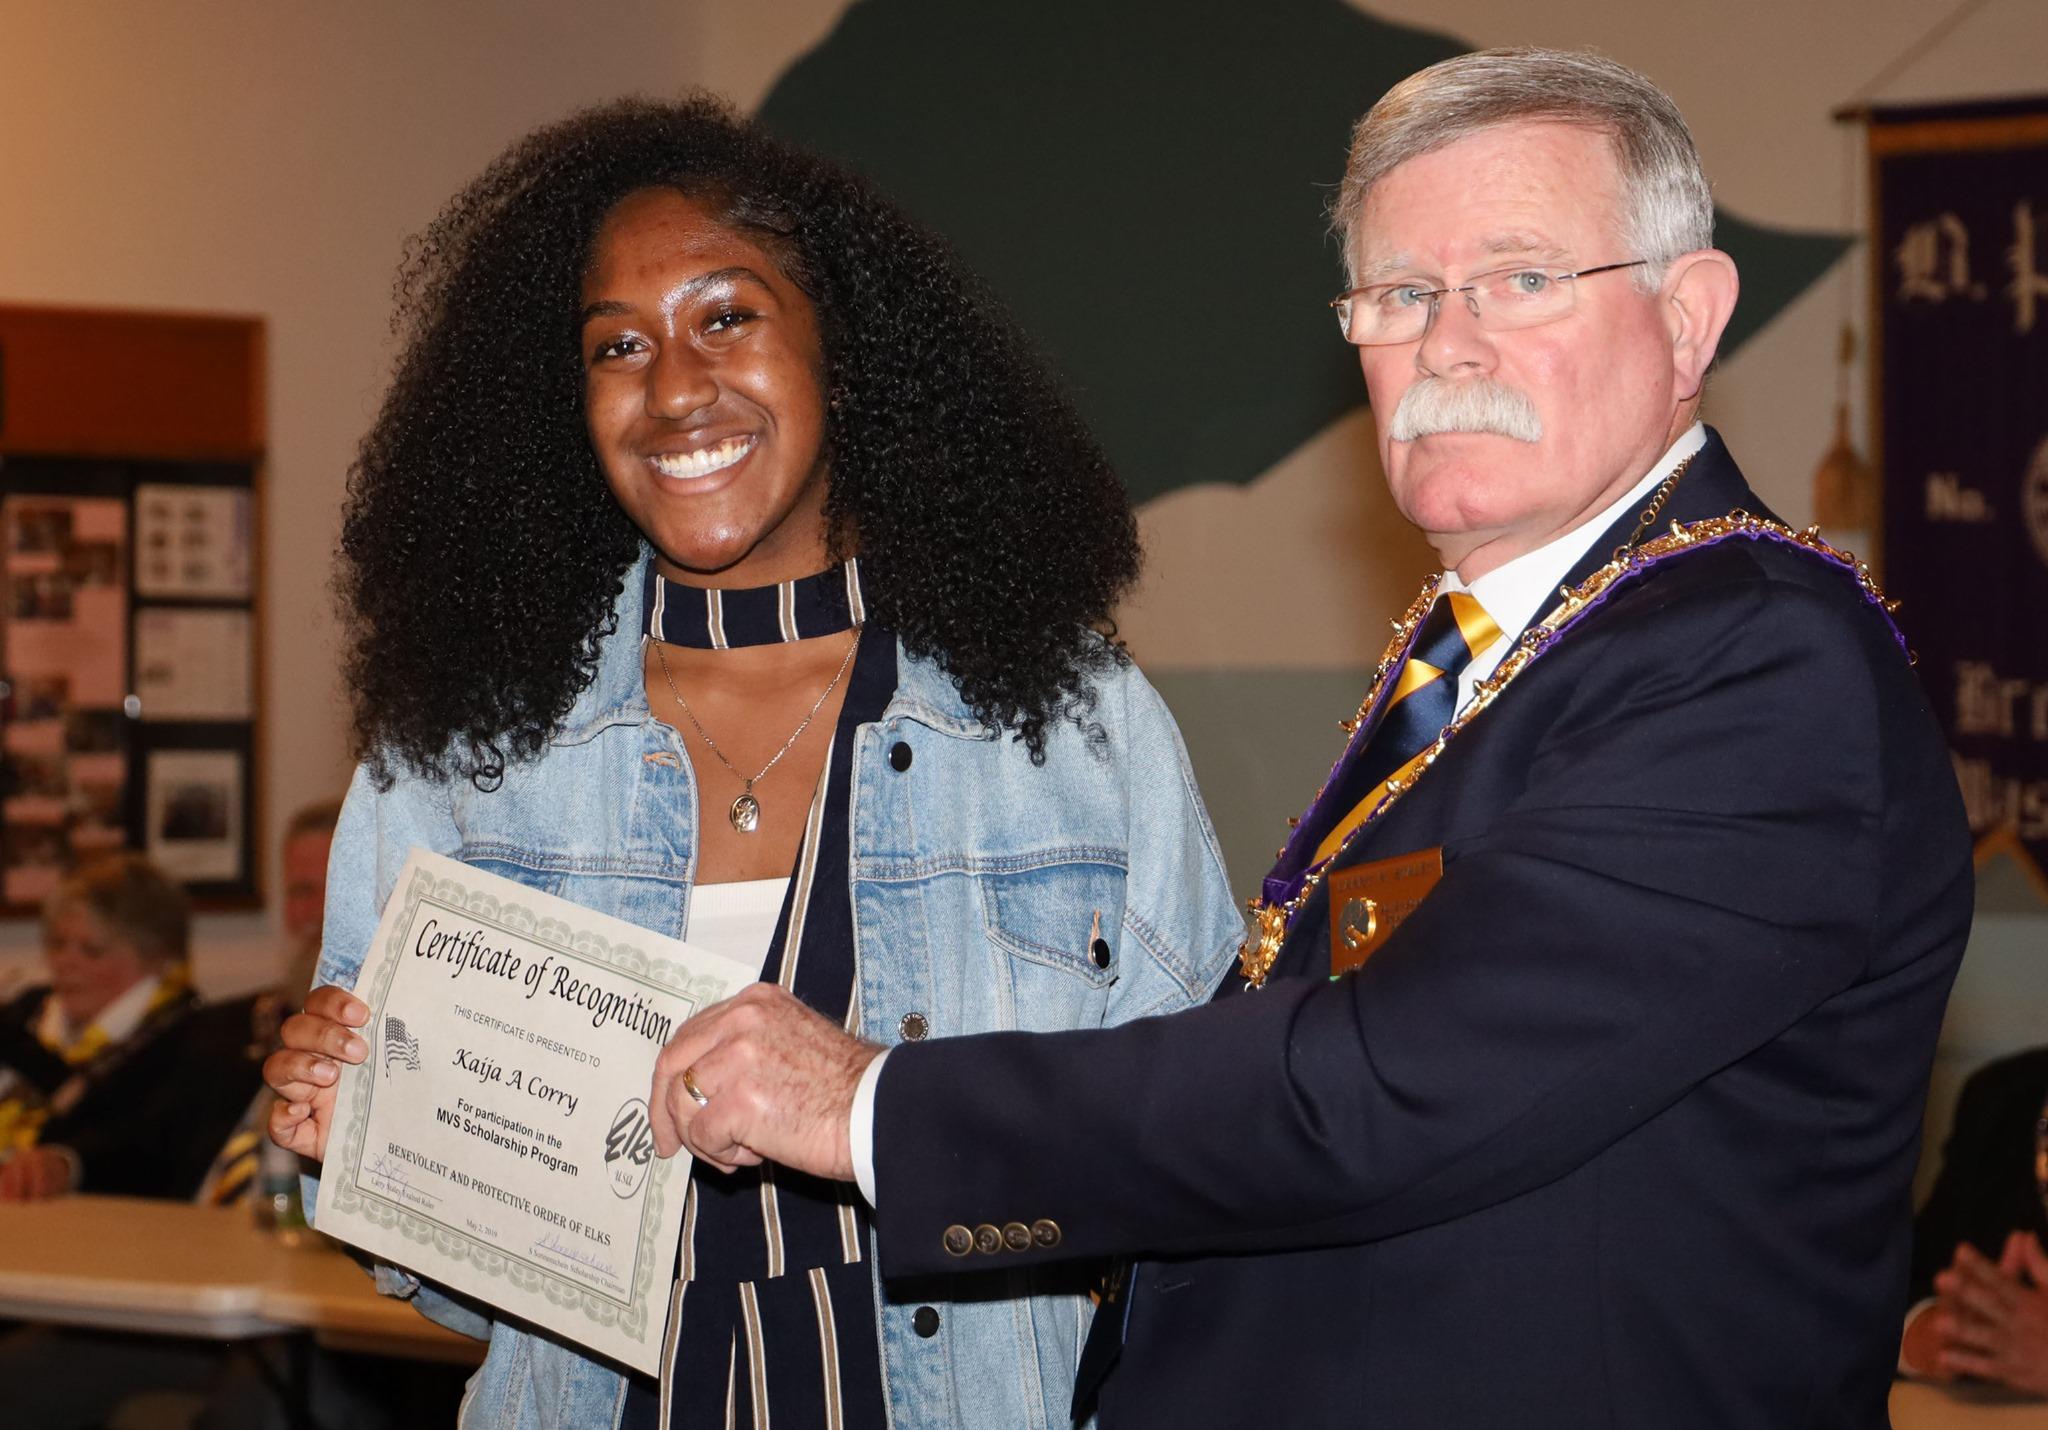 Kaija A Corry - MVS Scholarship